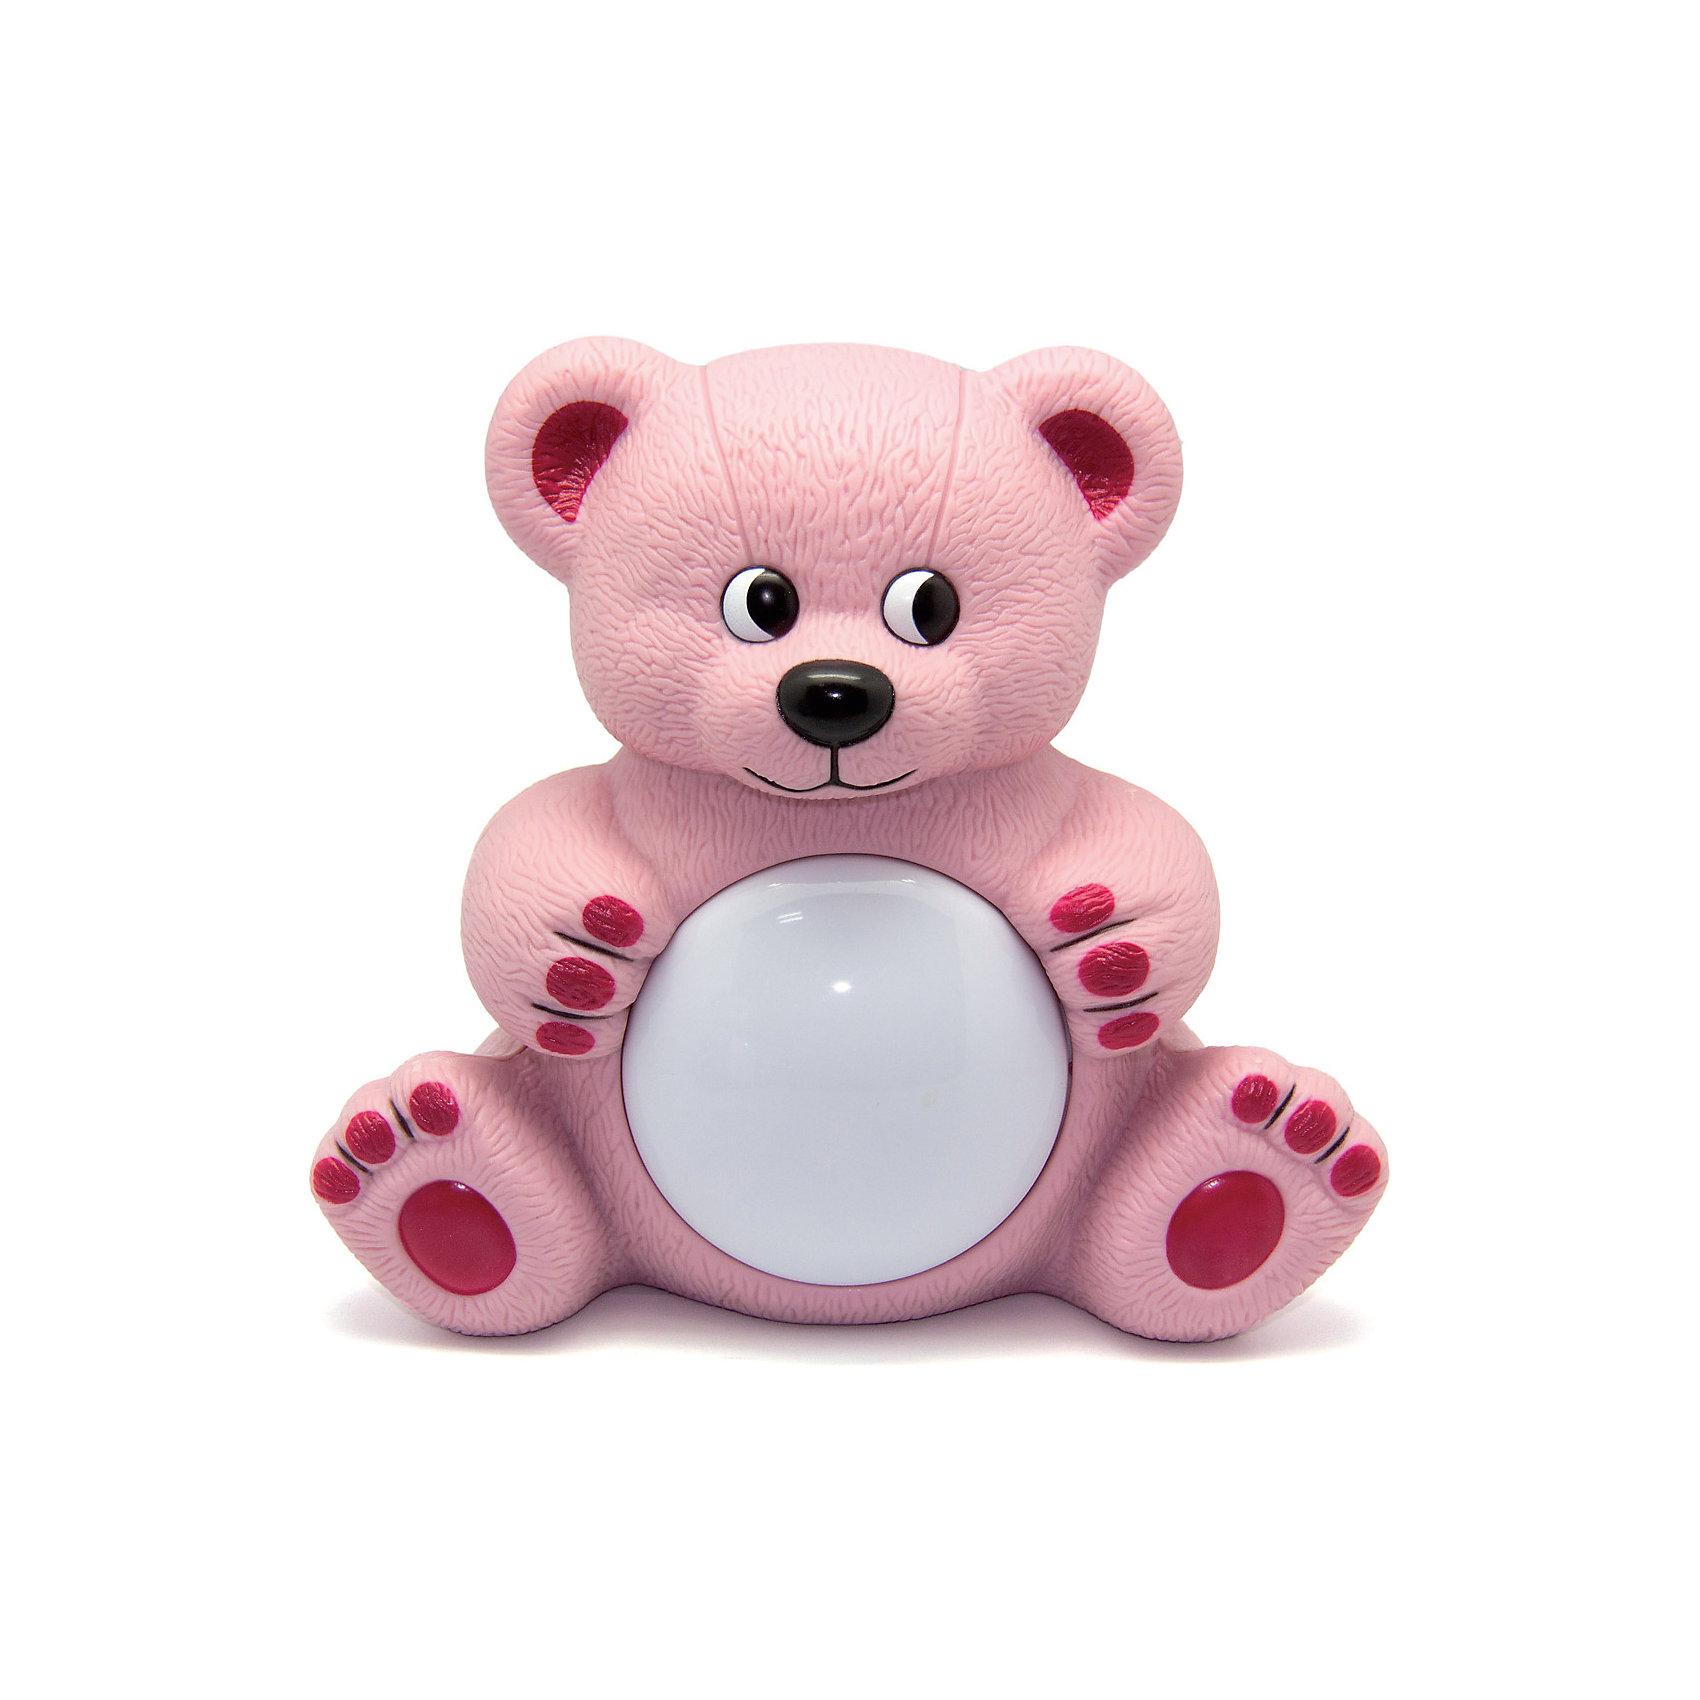 Светильник Мишутка Maman, розовыйСветильник Мишутка Maman имеет два режима работы:<br>Режим Автоматический - мягкая музыка и ночник включаются и выключаются автоматически. В дальнейшем активируются звуком. <br>Режим Ночник - ночник включается и выключается при помощи нажатия на плафон. <br>Работает на двух батарейках стандарта C/UM-2, 1,5 В (входит в комплект).<br><br>Светильник Мишутка Maman можно купить в нашем магазине.<br><br>Ширина мм: 200<br>Глубина мм: 125<br>Высота мм: 185<br>Вес г: 353<br>Возраст от месяцев: 0<br>Возраст до месяцев: 36<br>Пол: Унисекс<br>Возраст: Детский<br>SKU: 4251096